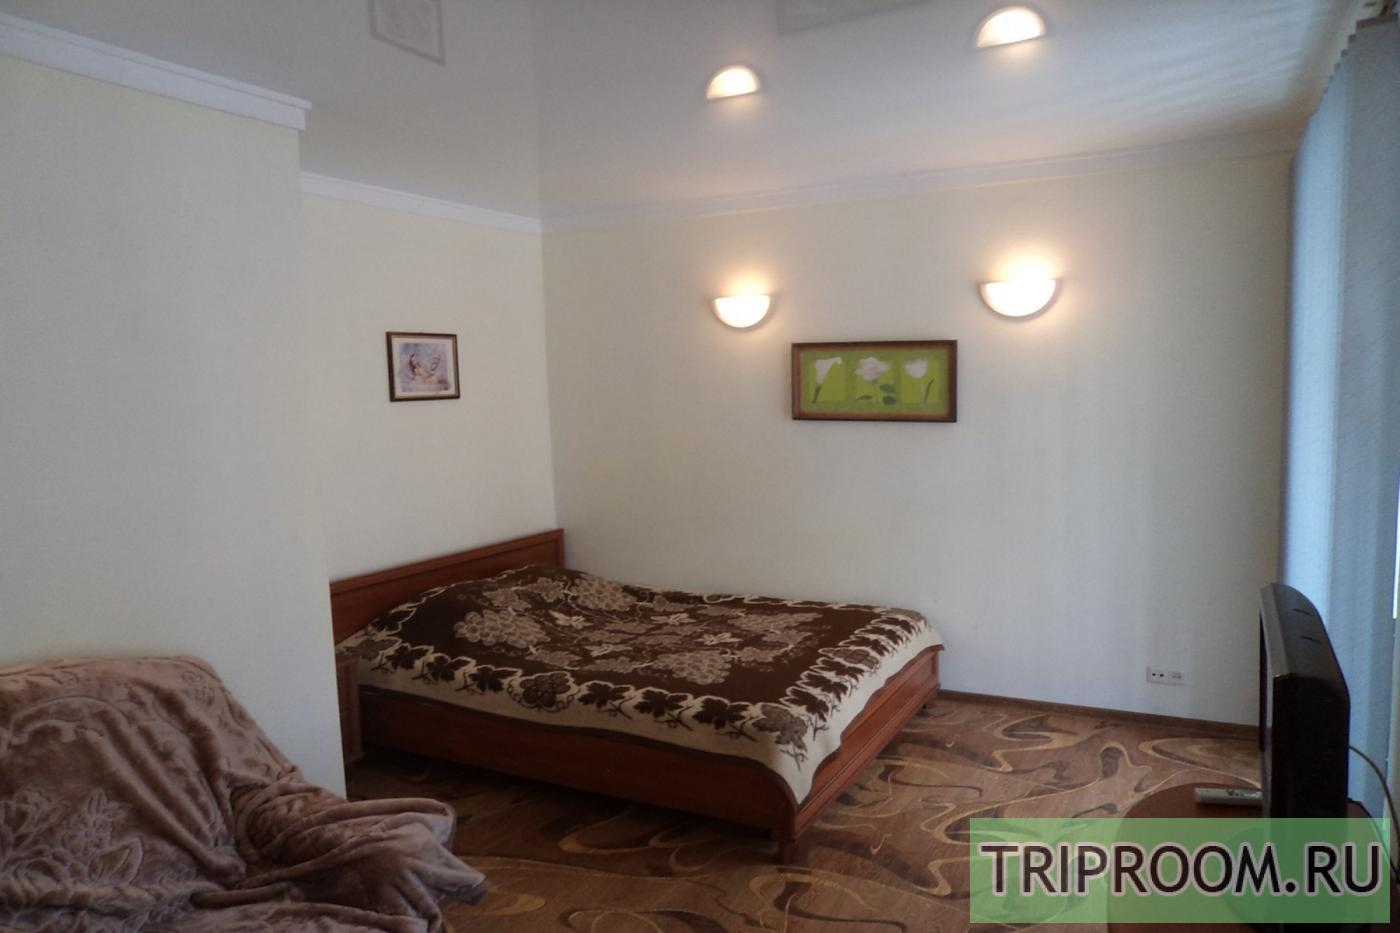 1-комнатная квартира посуточно (вариант № 23823), ул. БОльшая Морская улица, фото № 2